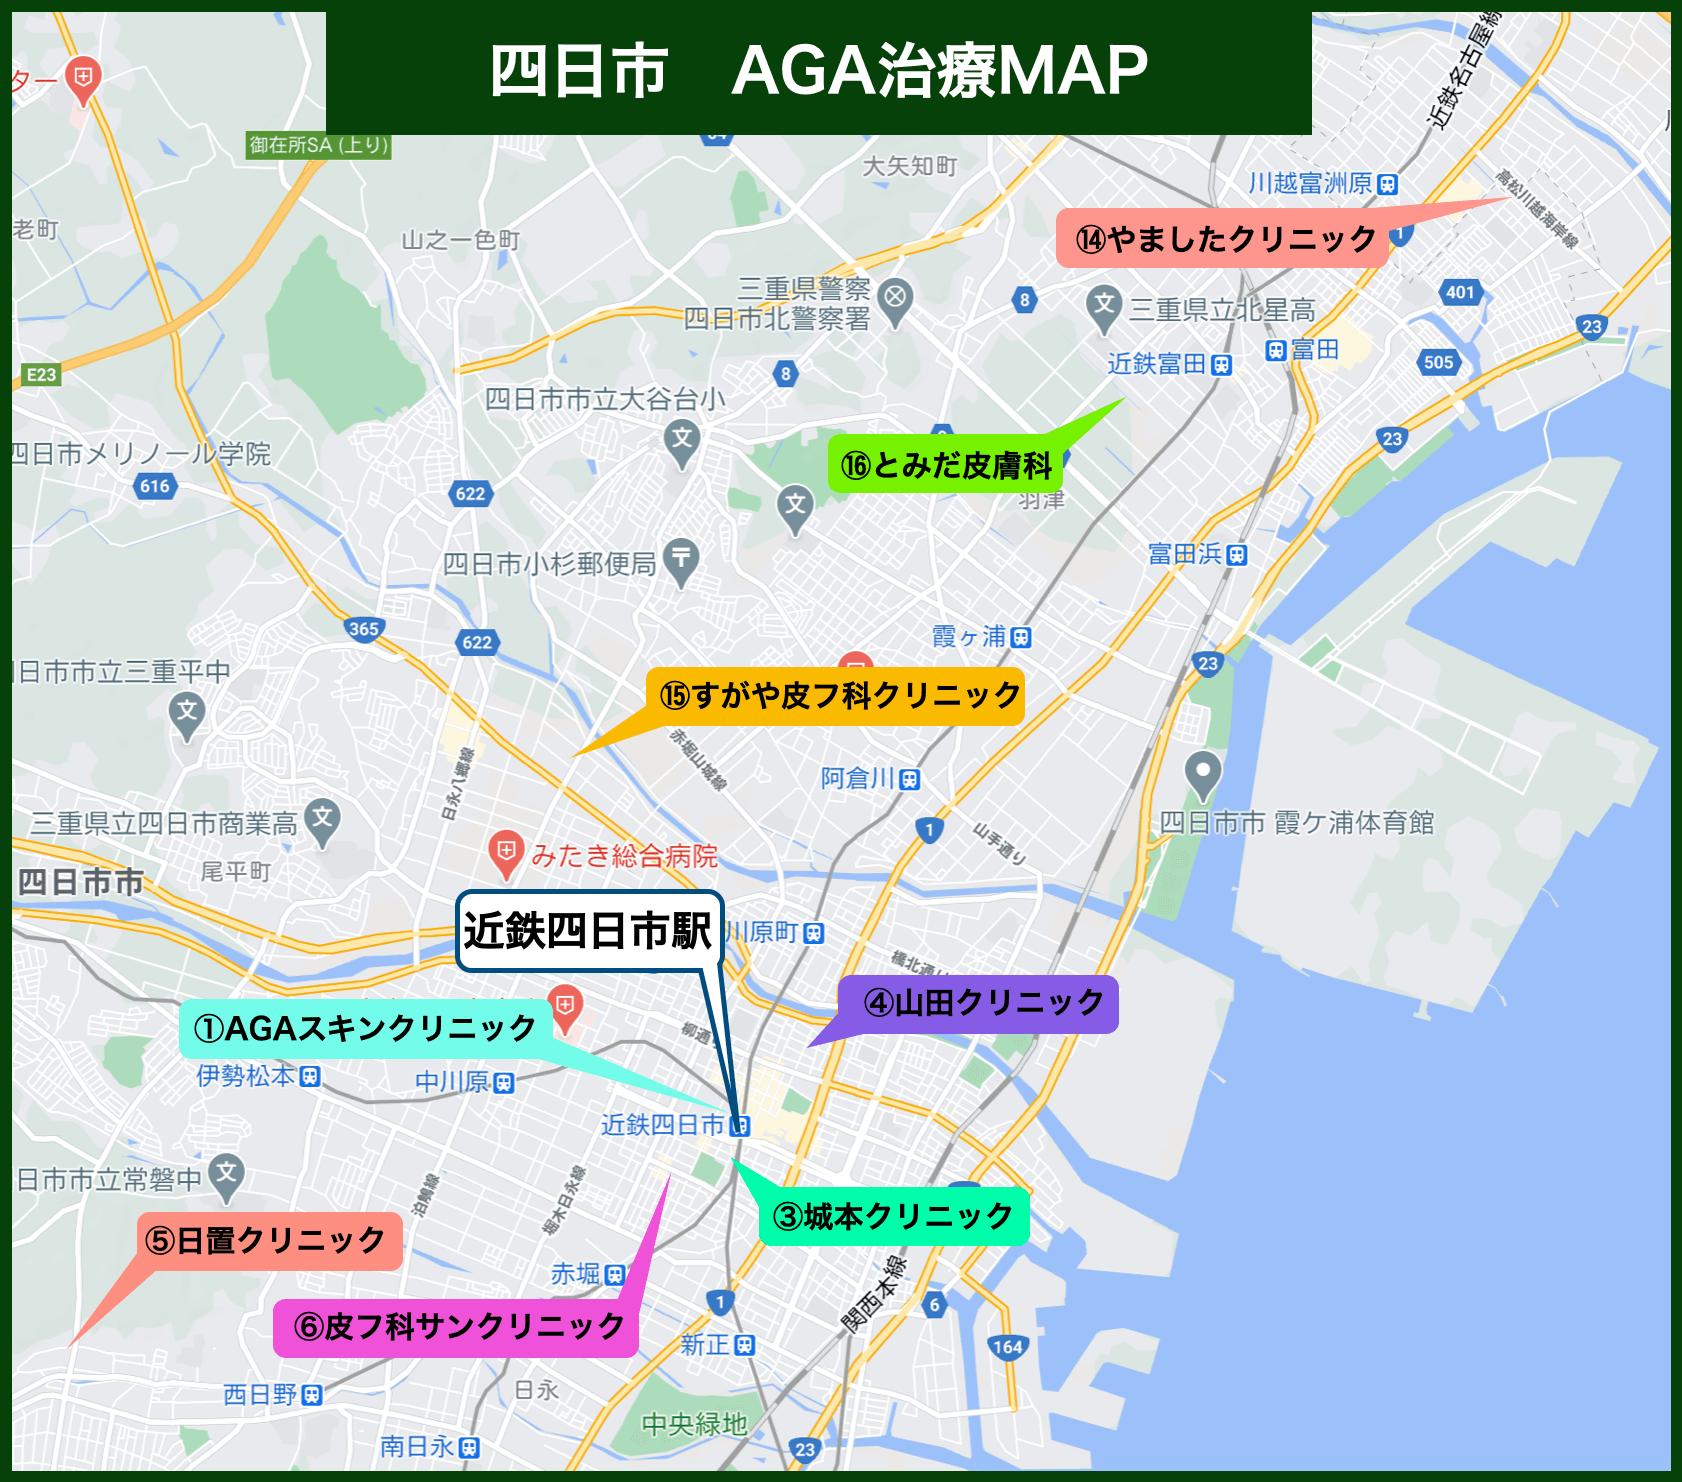 四日市 AGA治療MAP